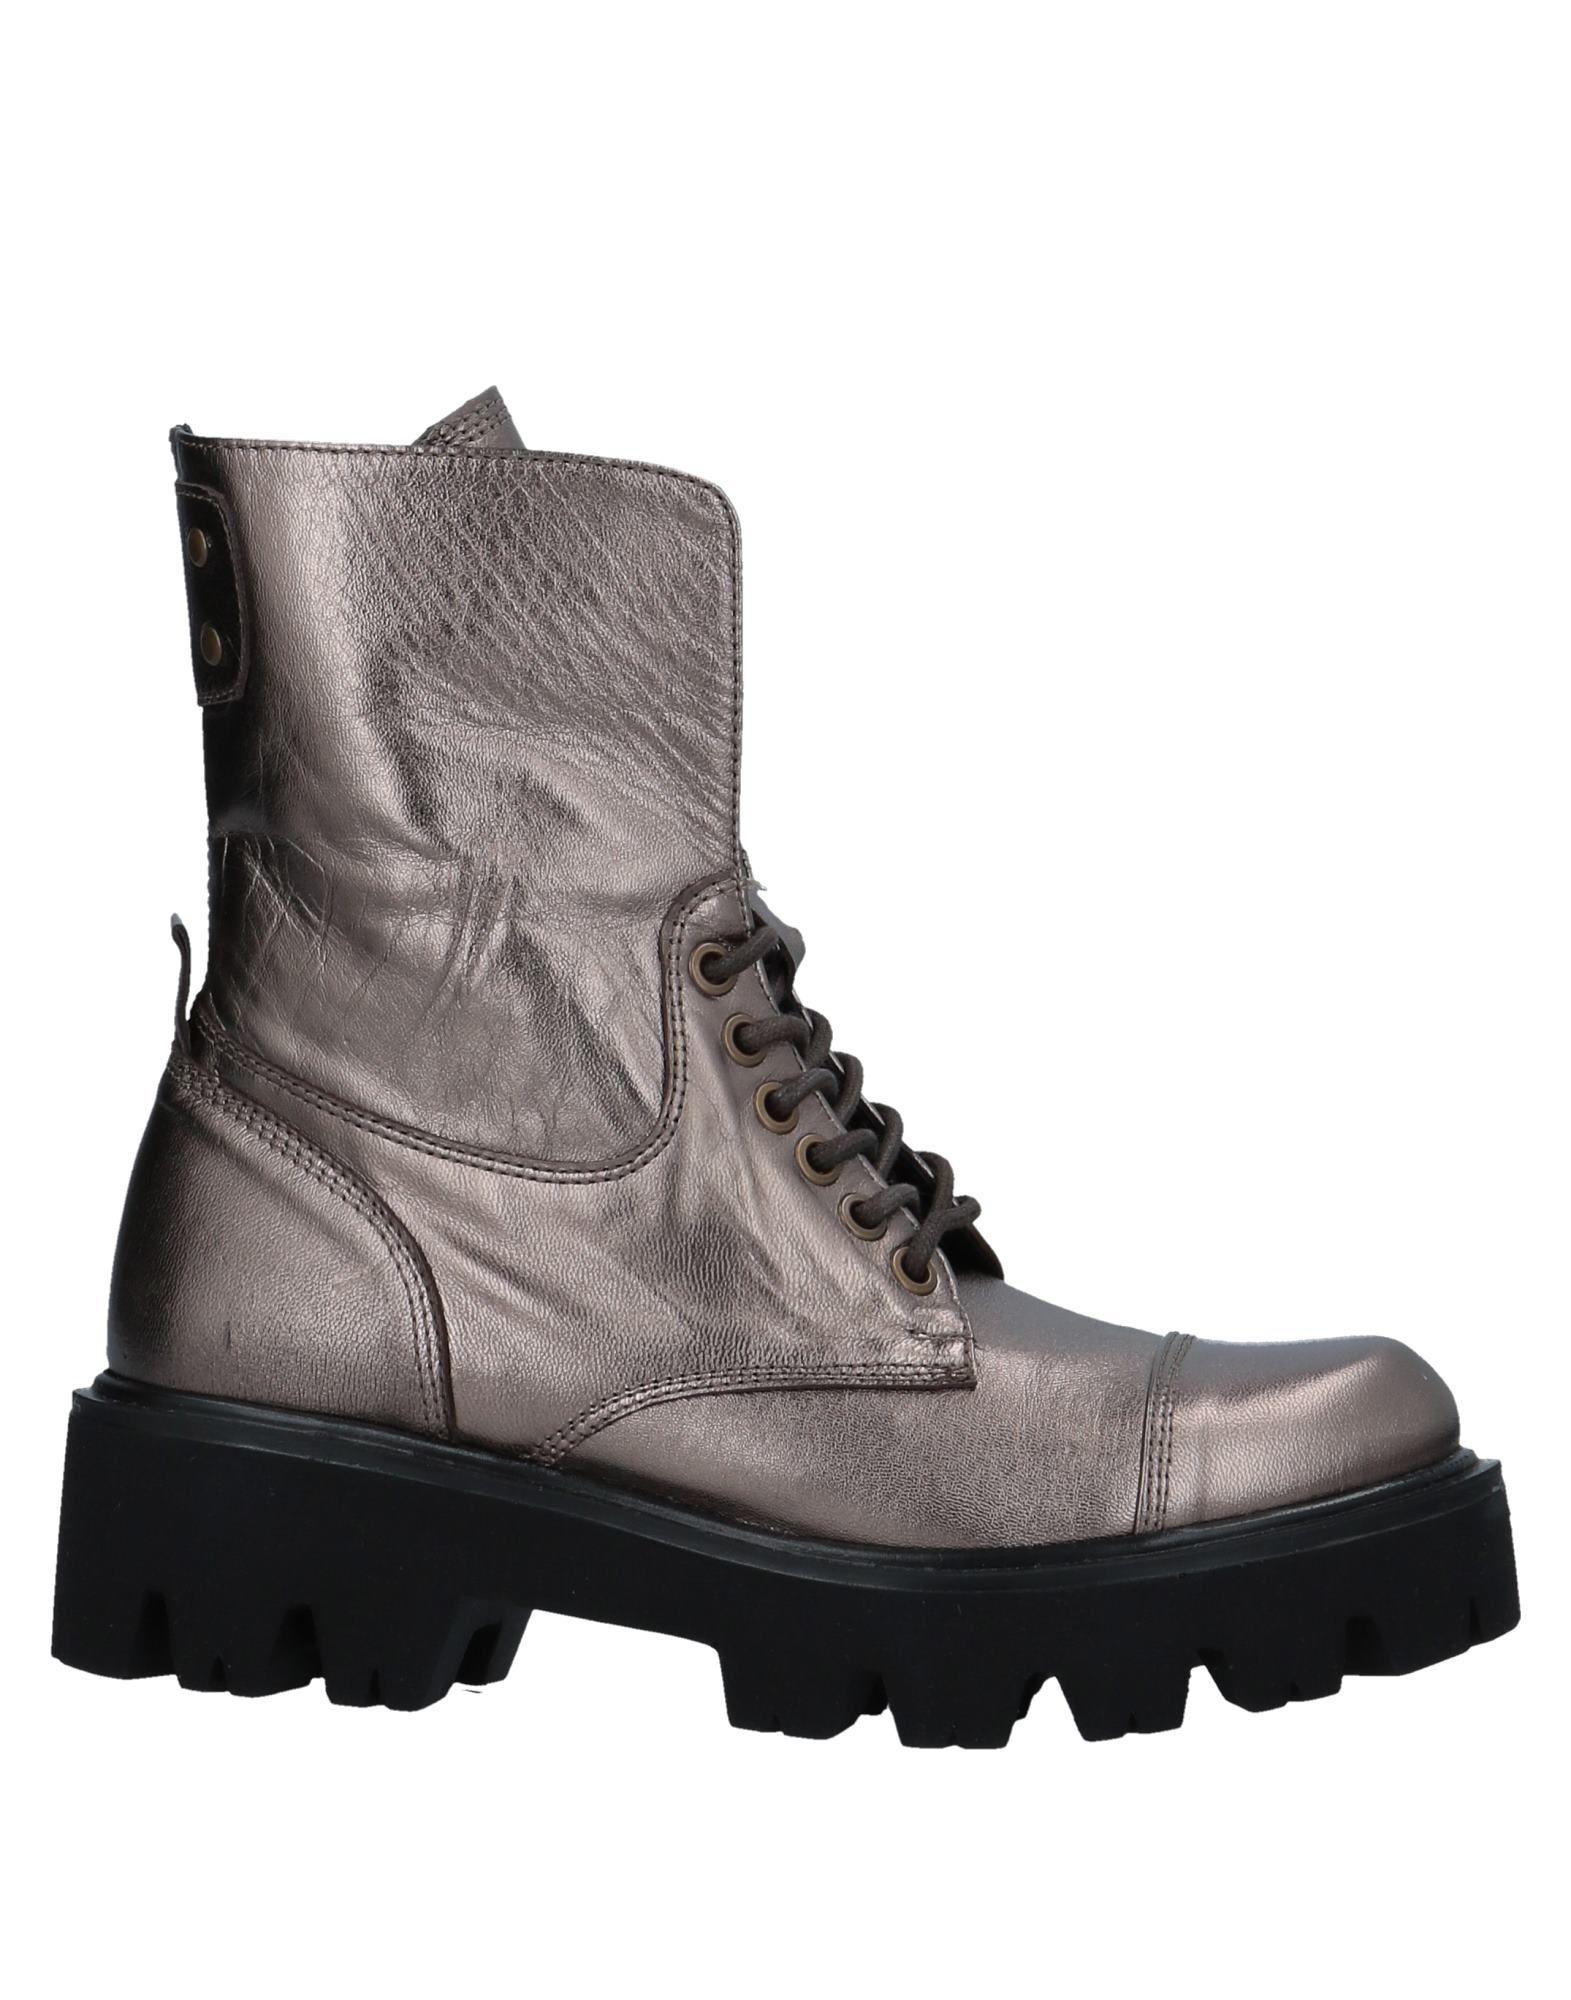 Geneve Stiefelette Damen  11533157LP Gute Qualität beliebte Schuhe